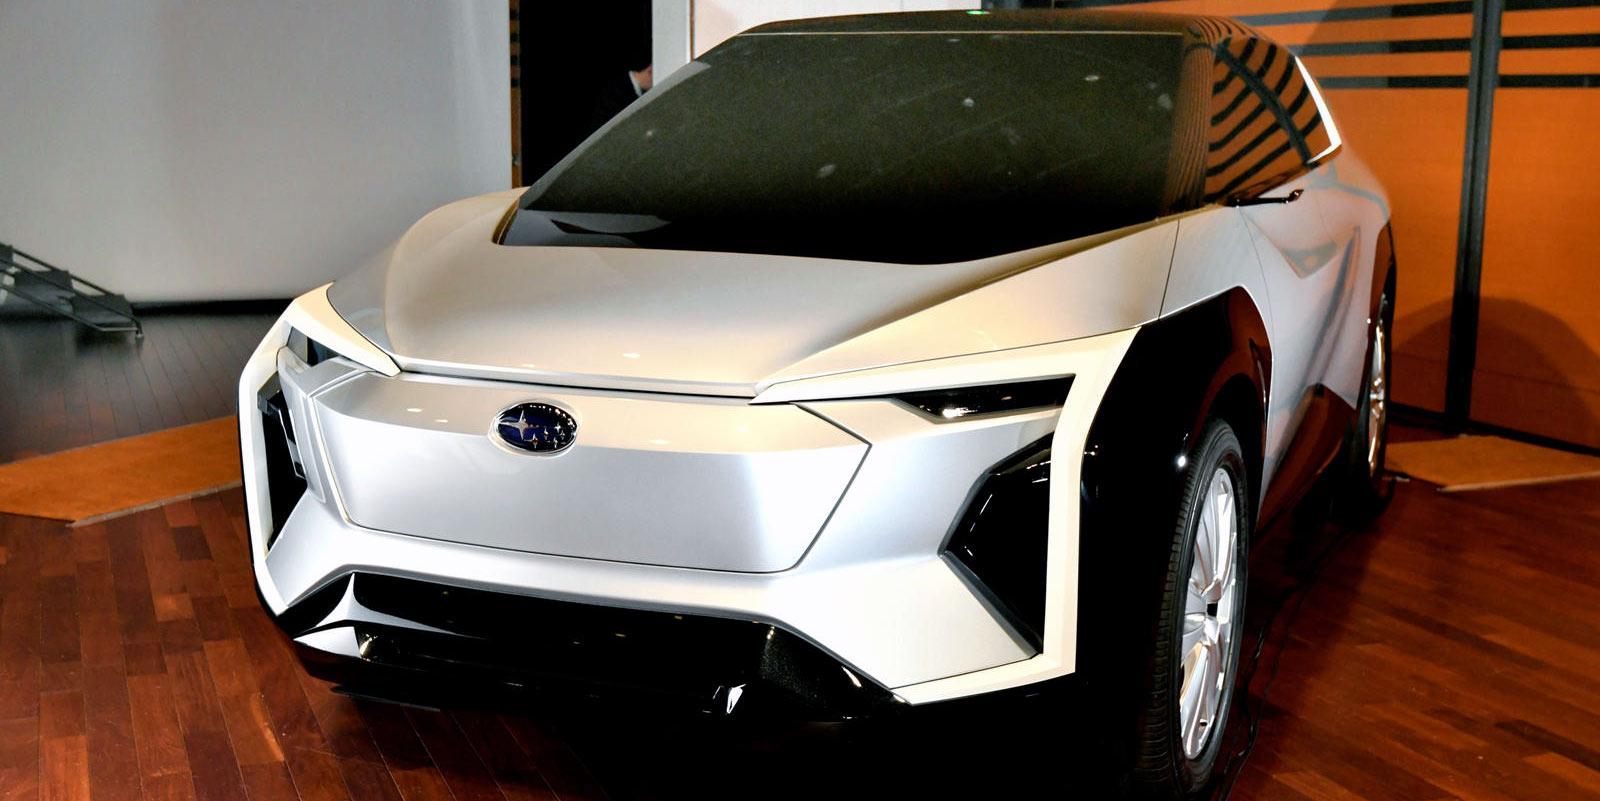 Subaru Evoltis EV